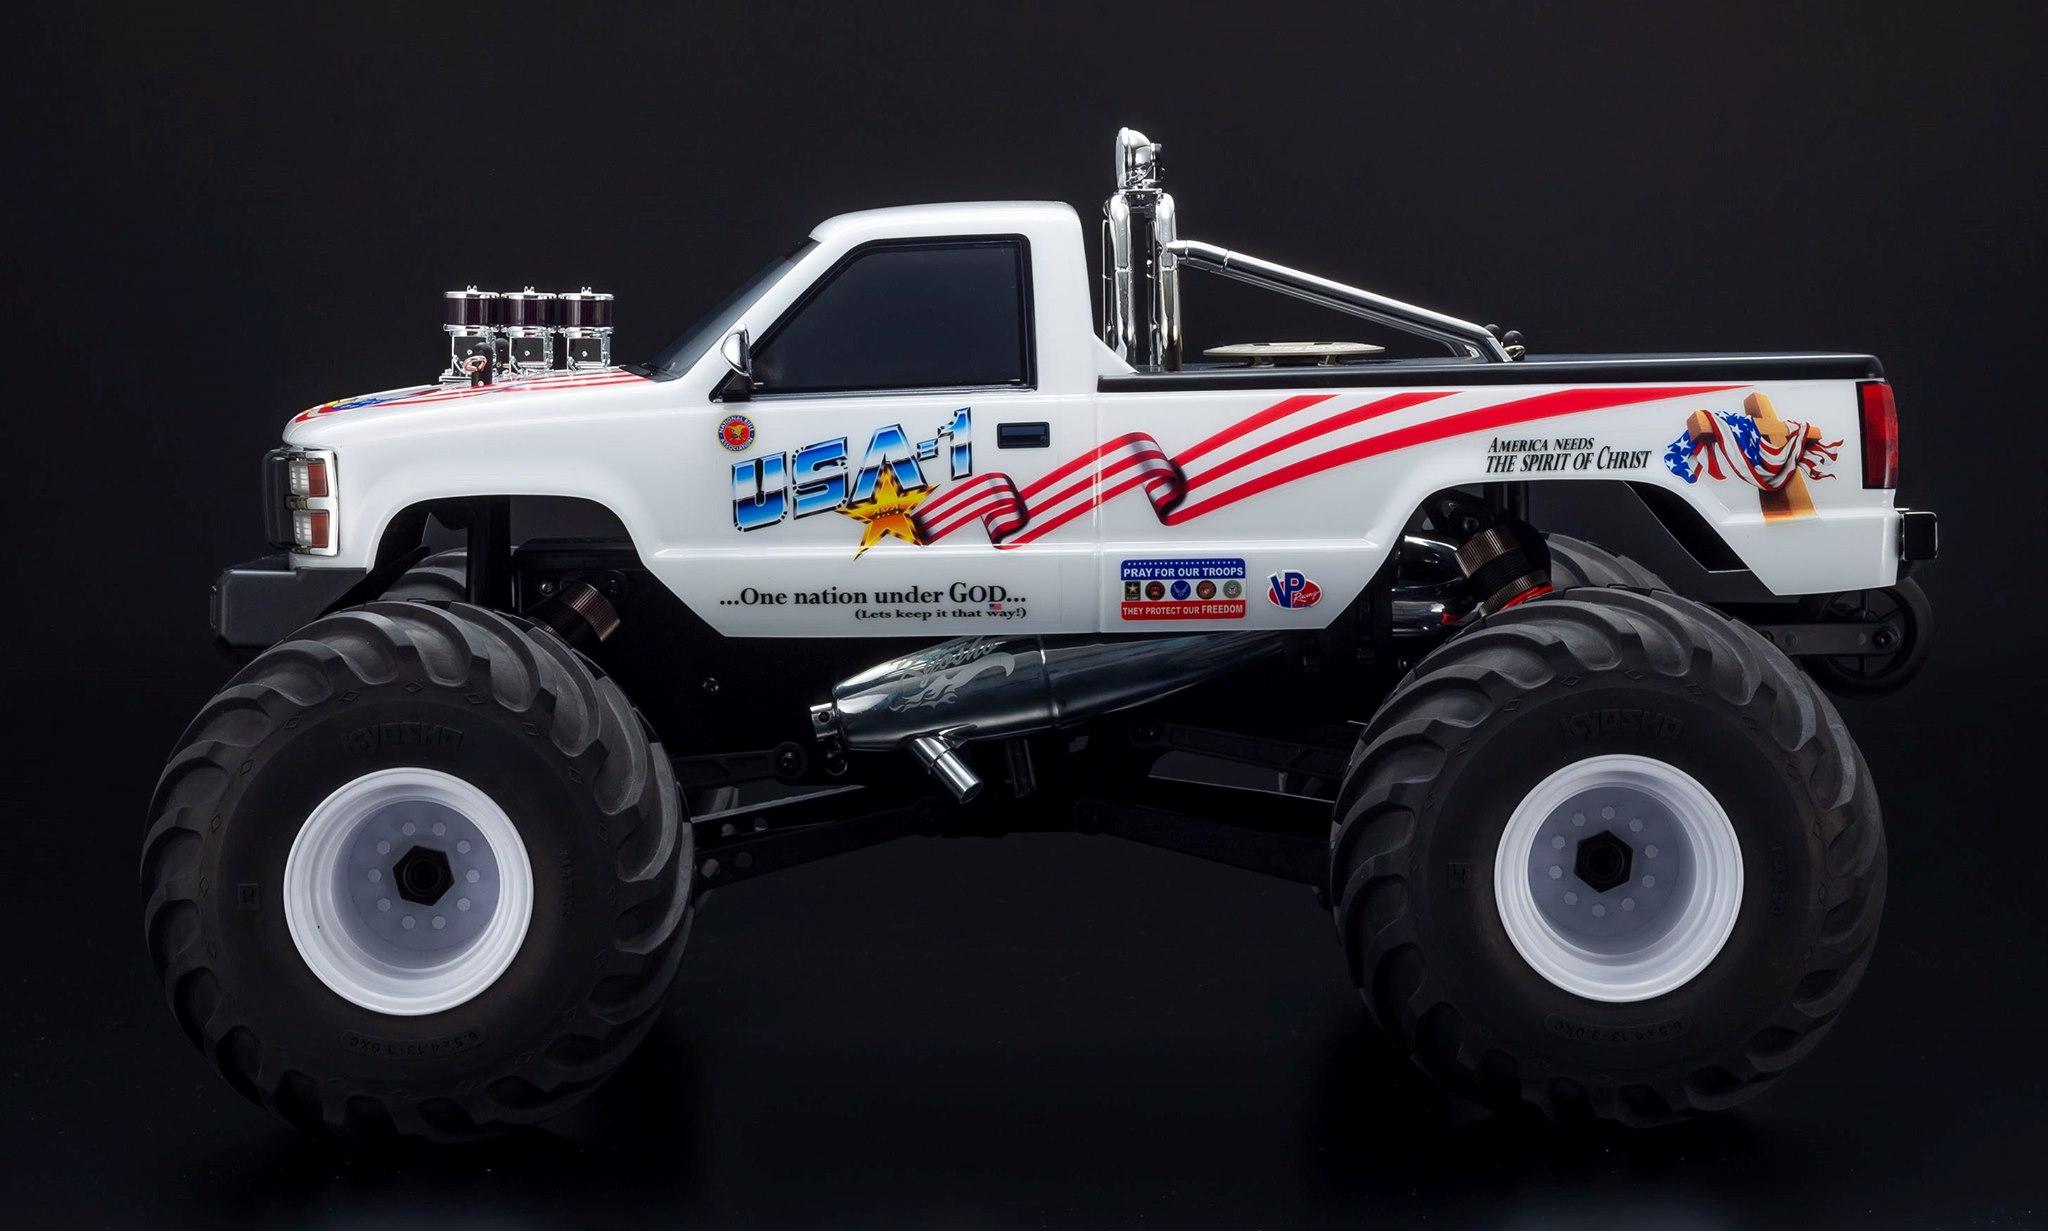 Kyosho USA-1 Monster Truck Returns